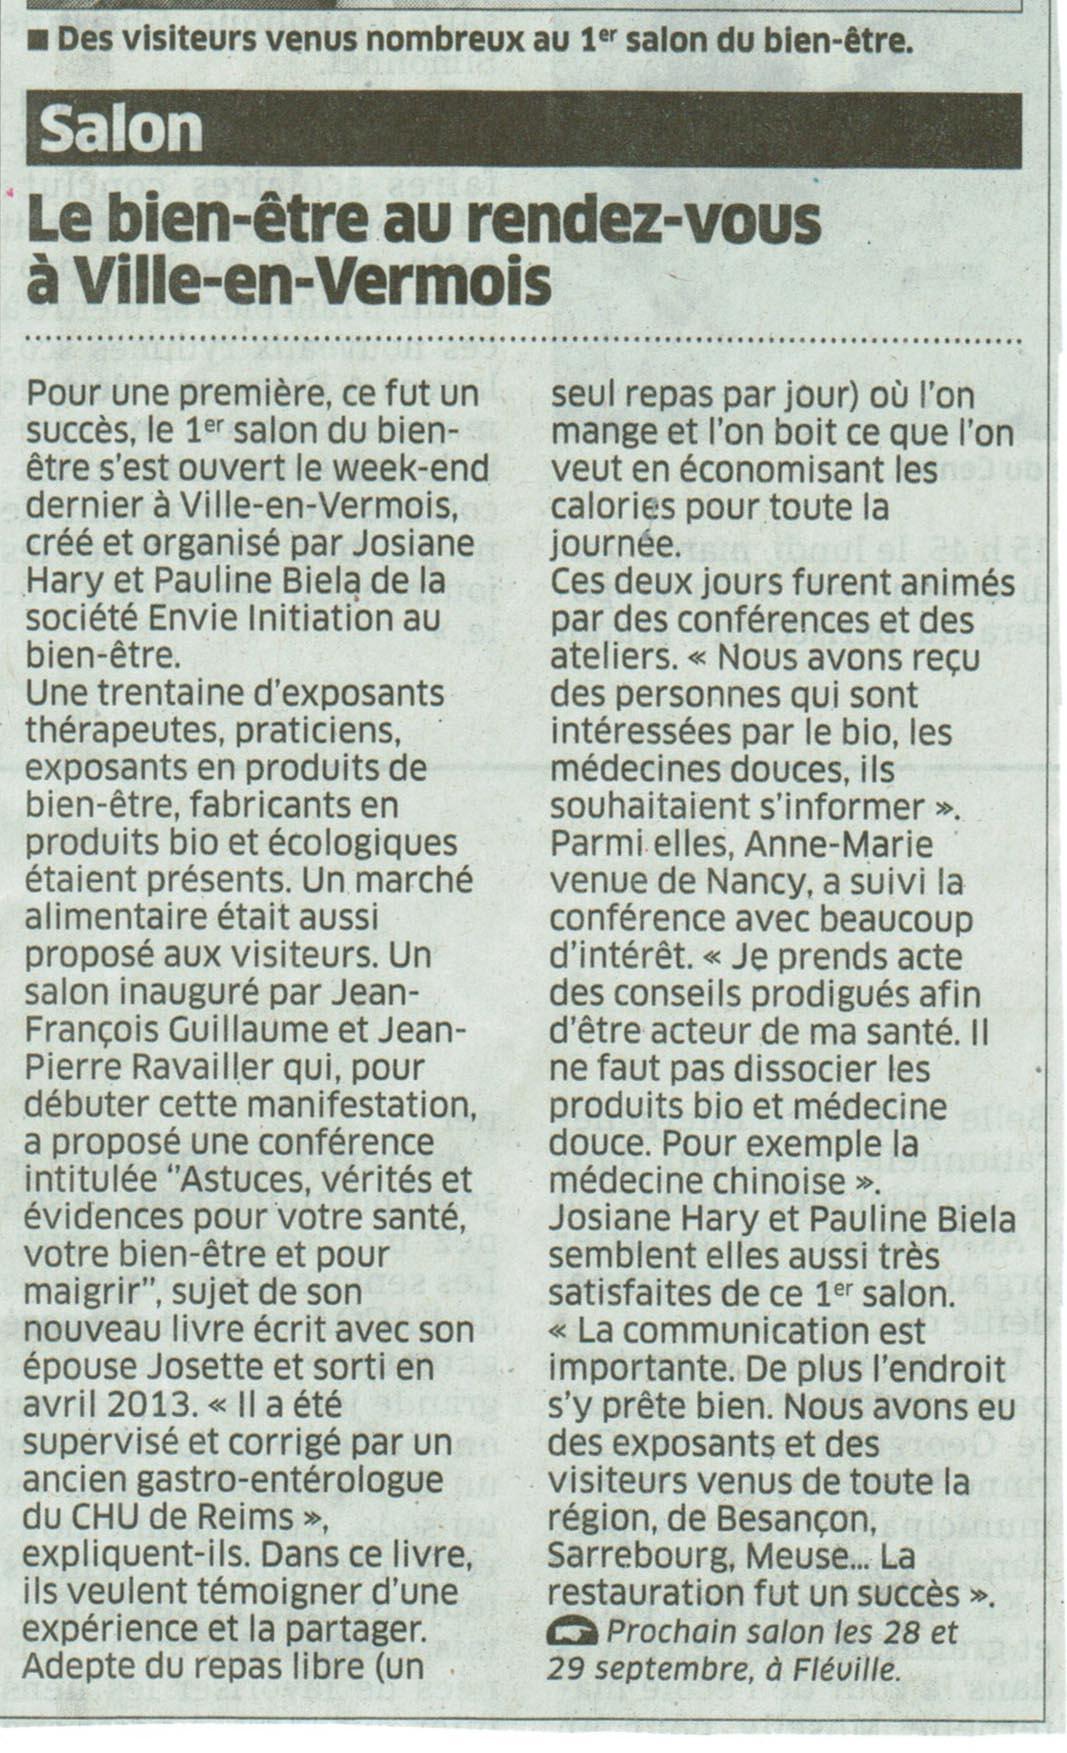 Histoire paysages gastronomie for Salon bien etre rennes